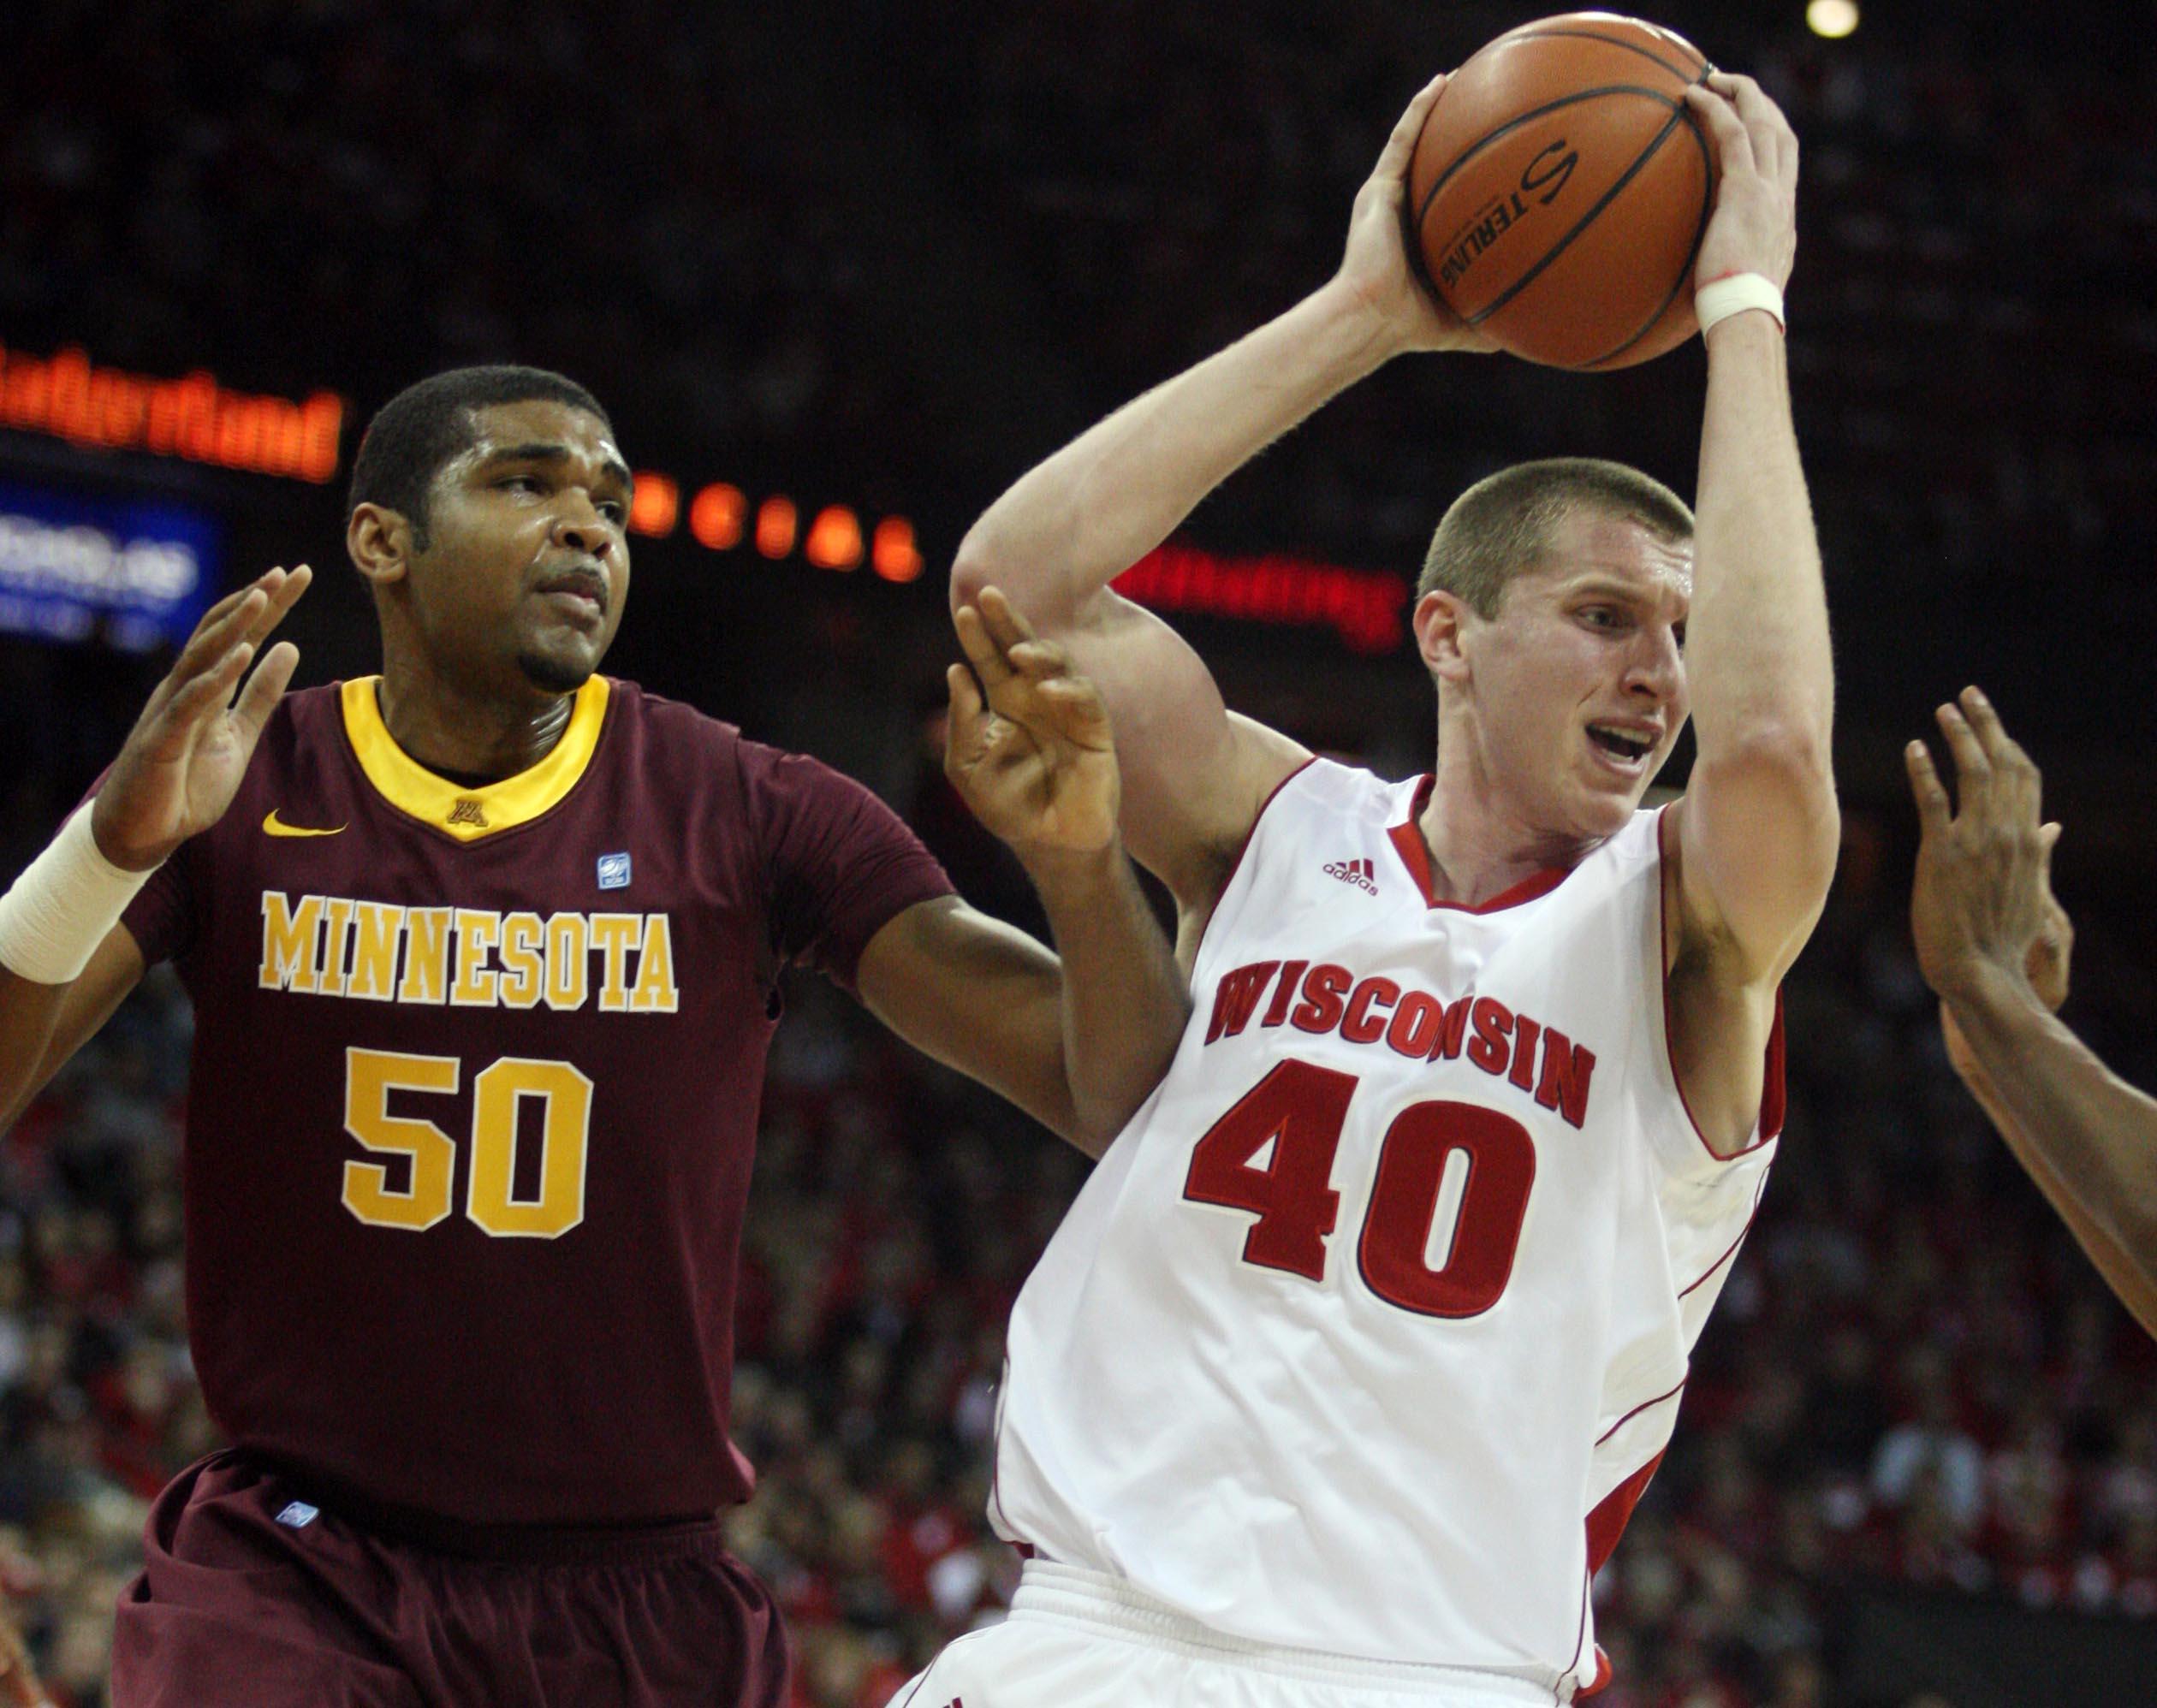 Wisconsin's Jared Berggren